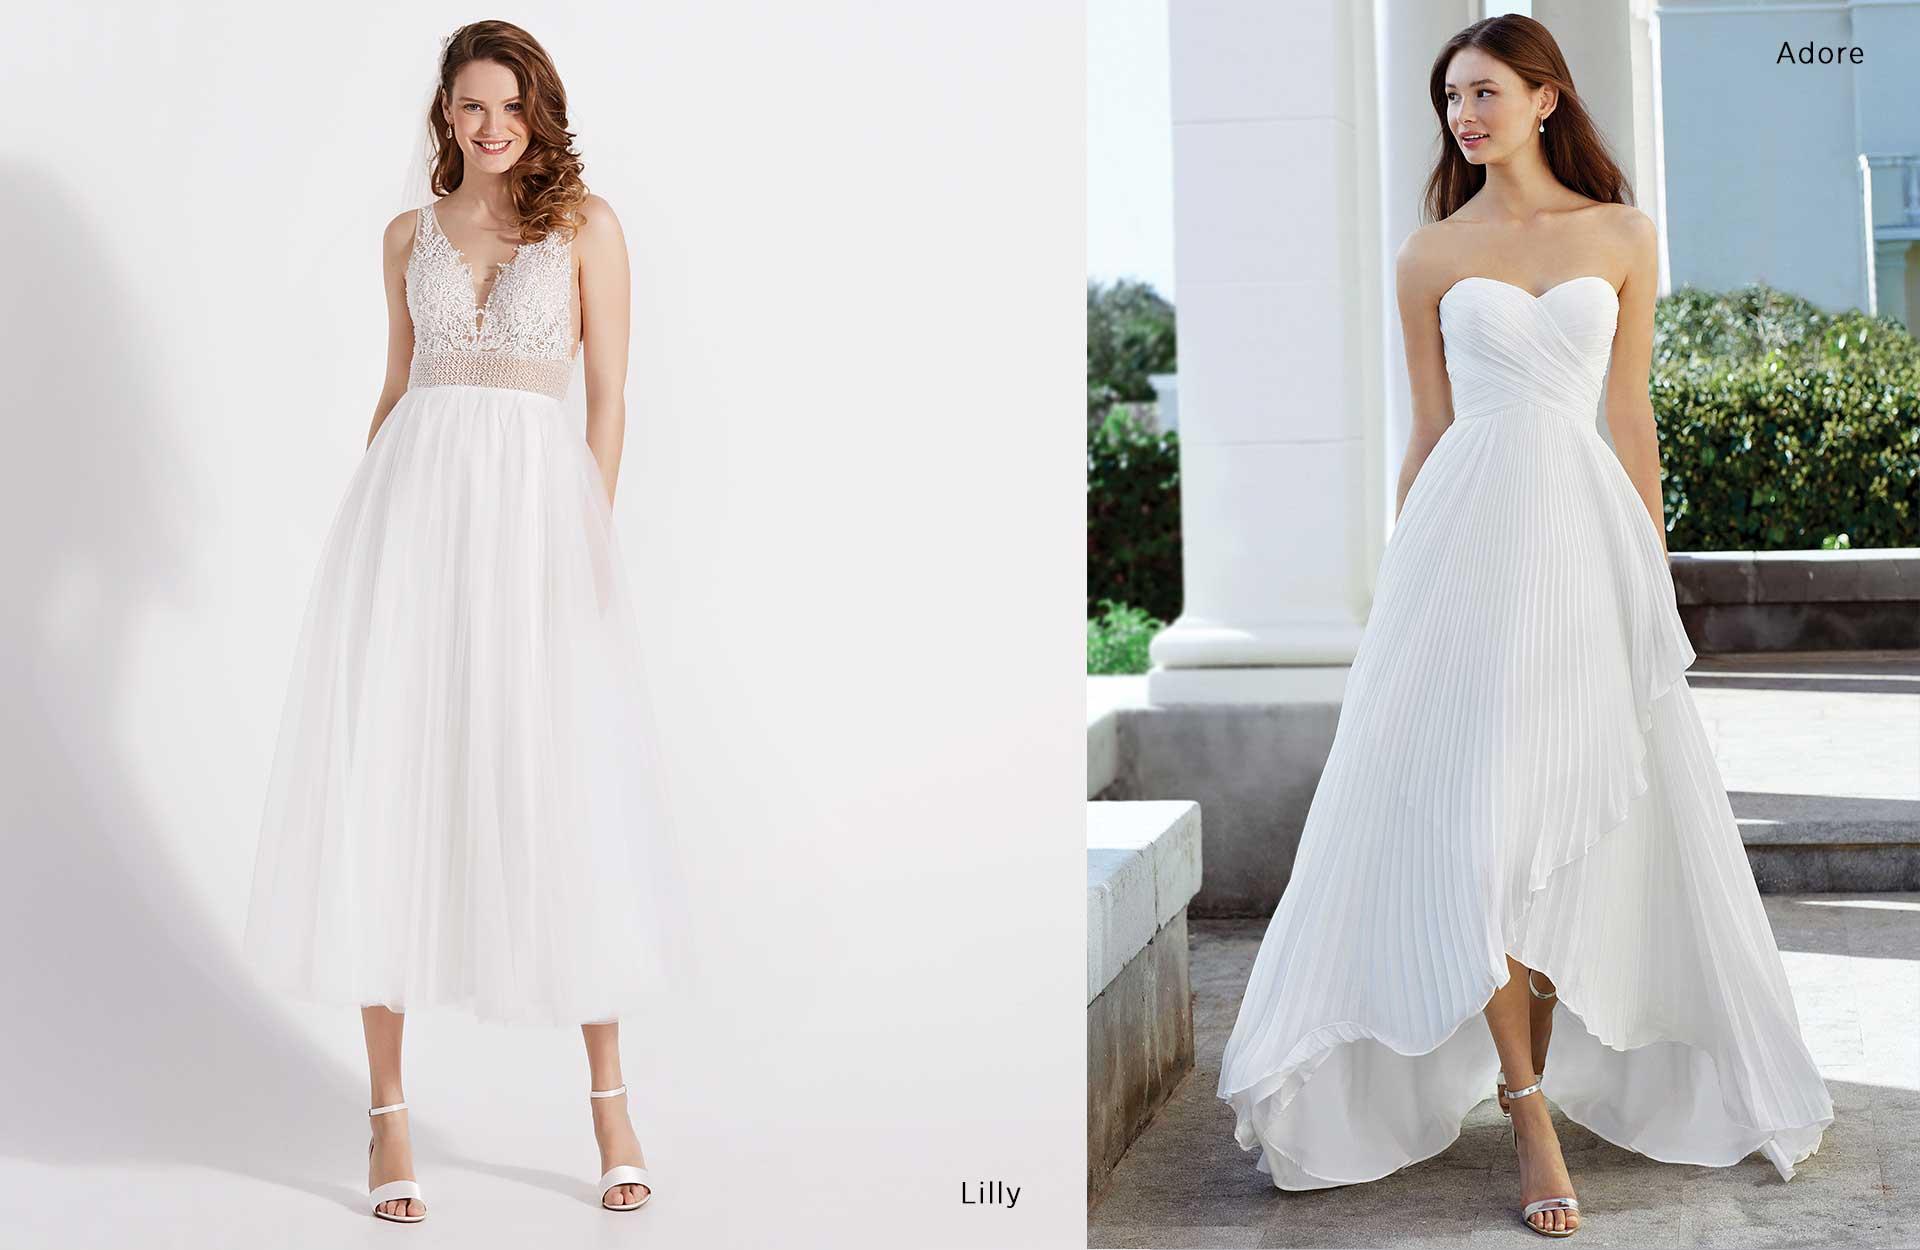 Bryllupstrender 9 og 10 - kort/lange kjoler og midikjoler